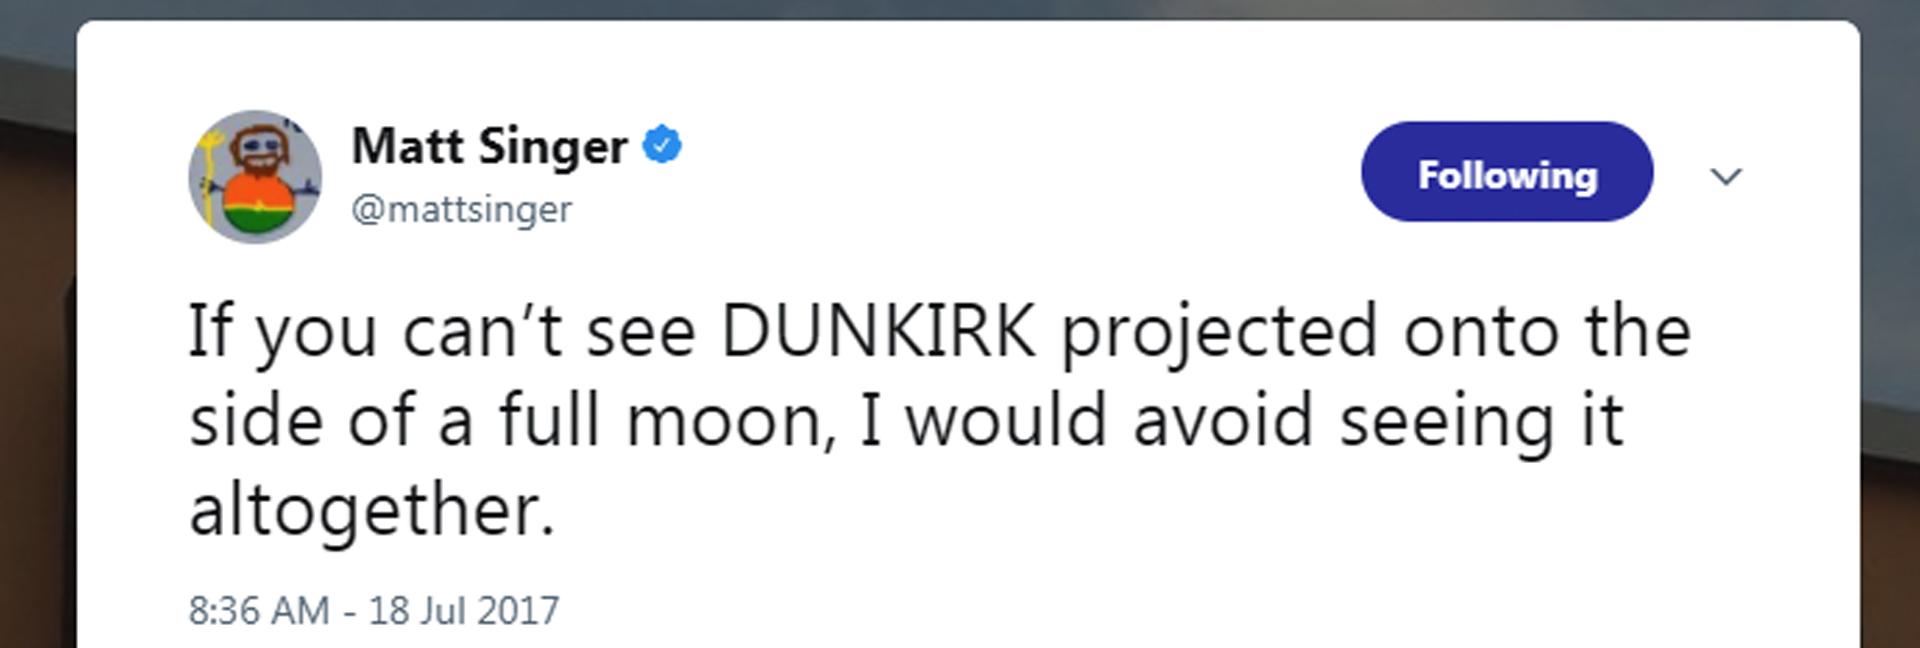 Dunkirk Moon